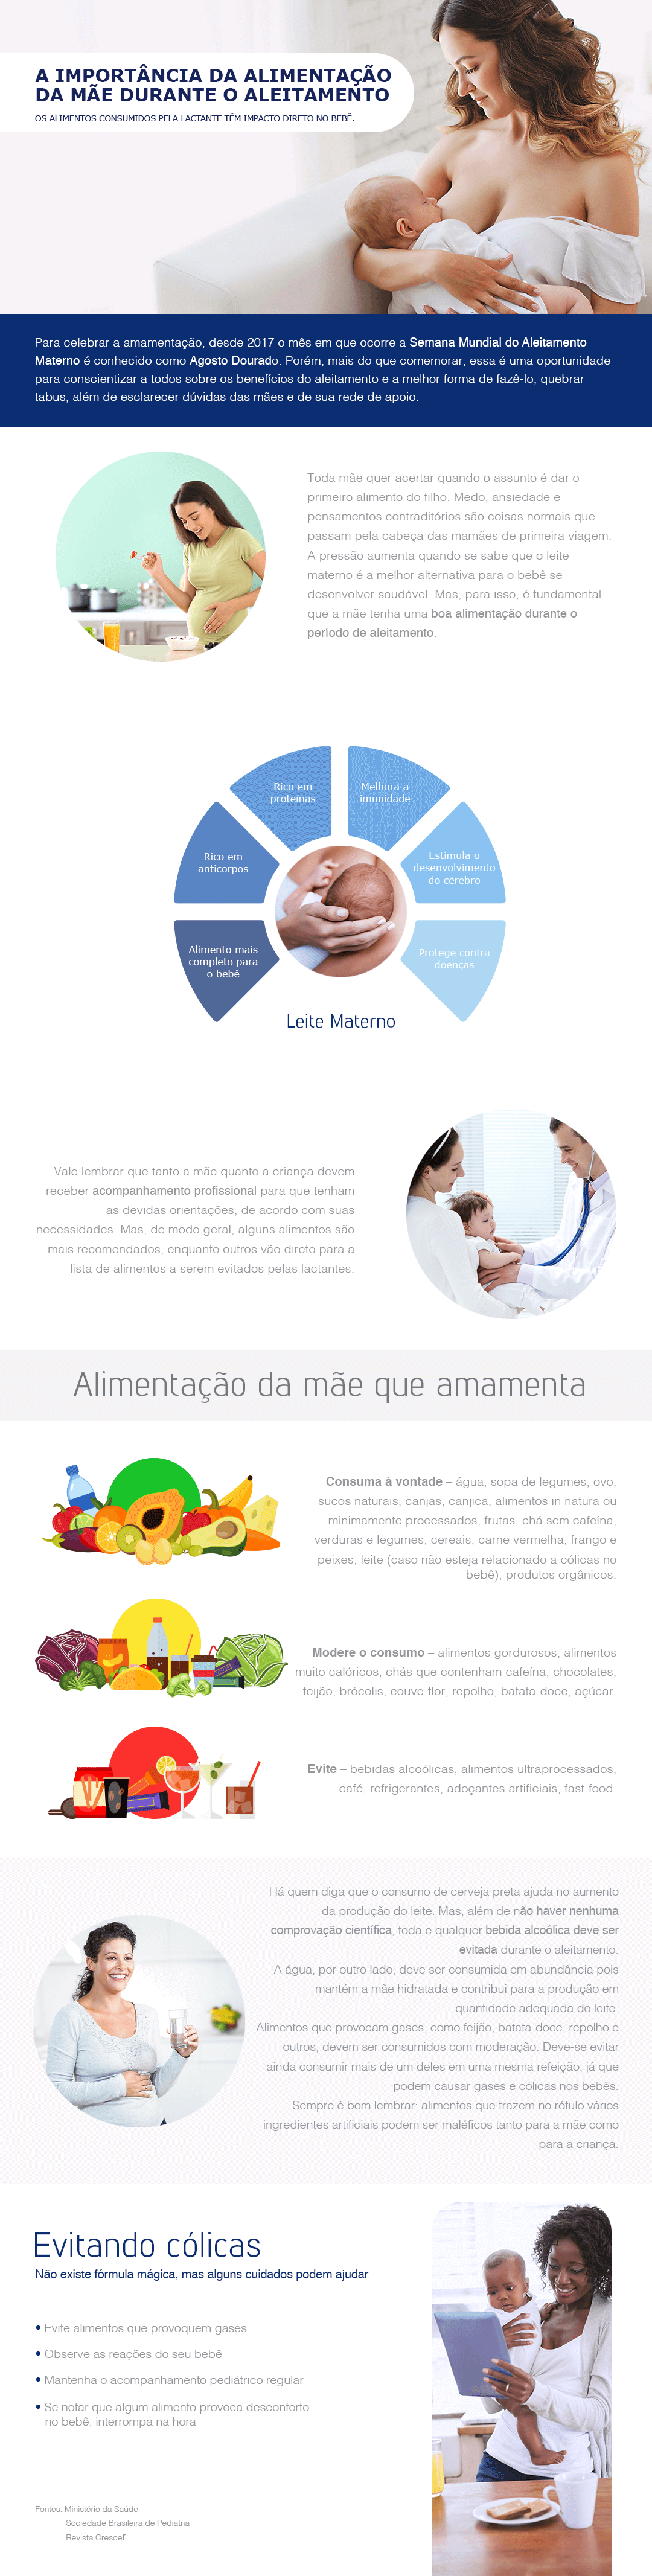 SulAmérica-_-Aleitamento-1